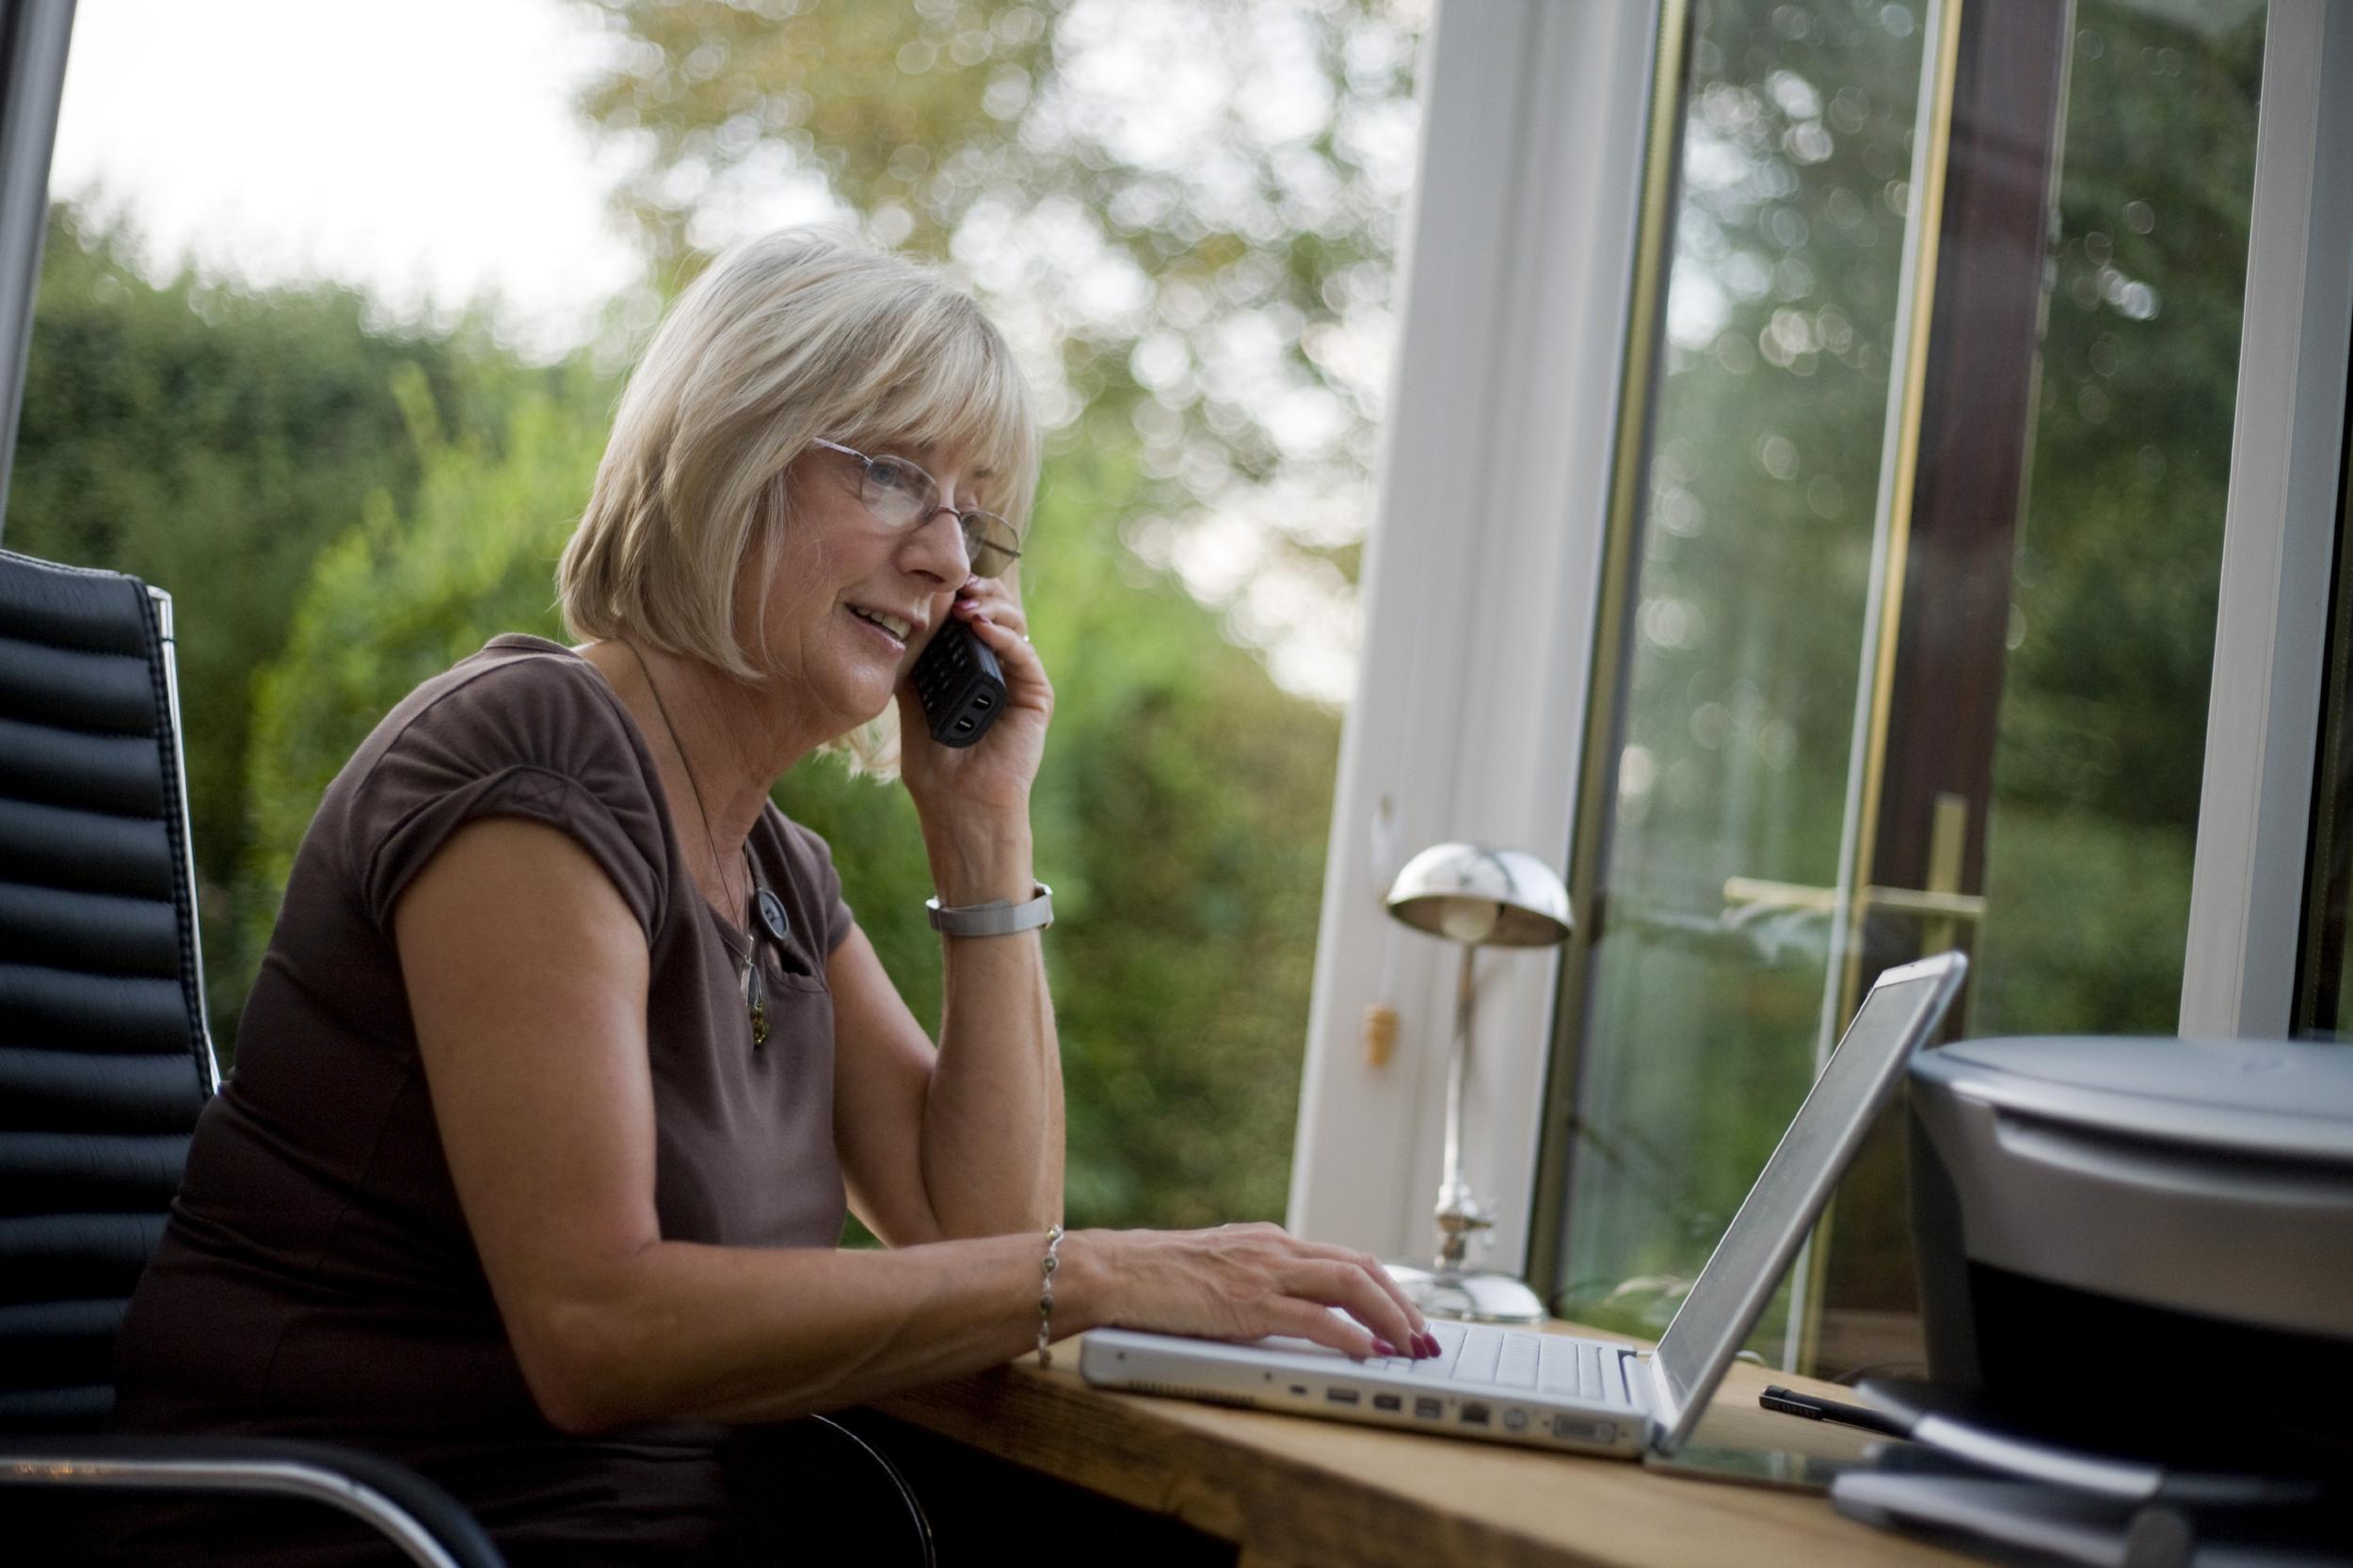 Older woman at computer.jpg